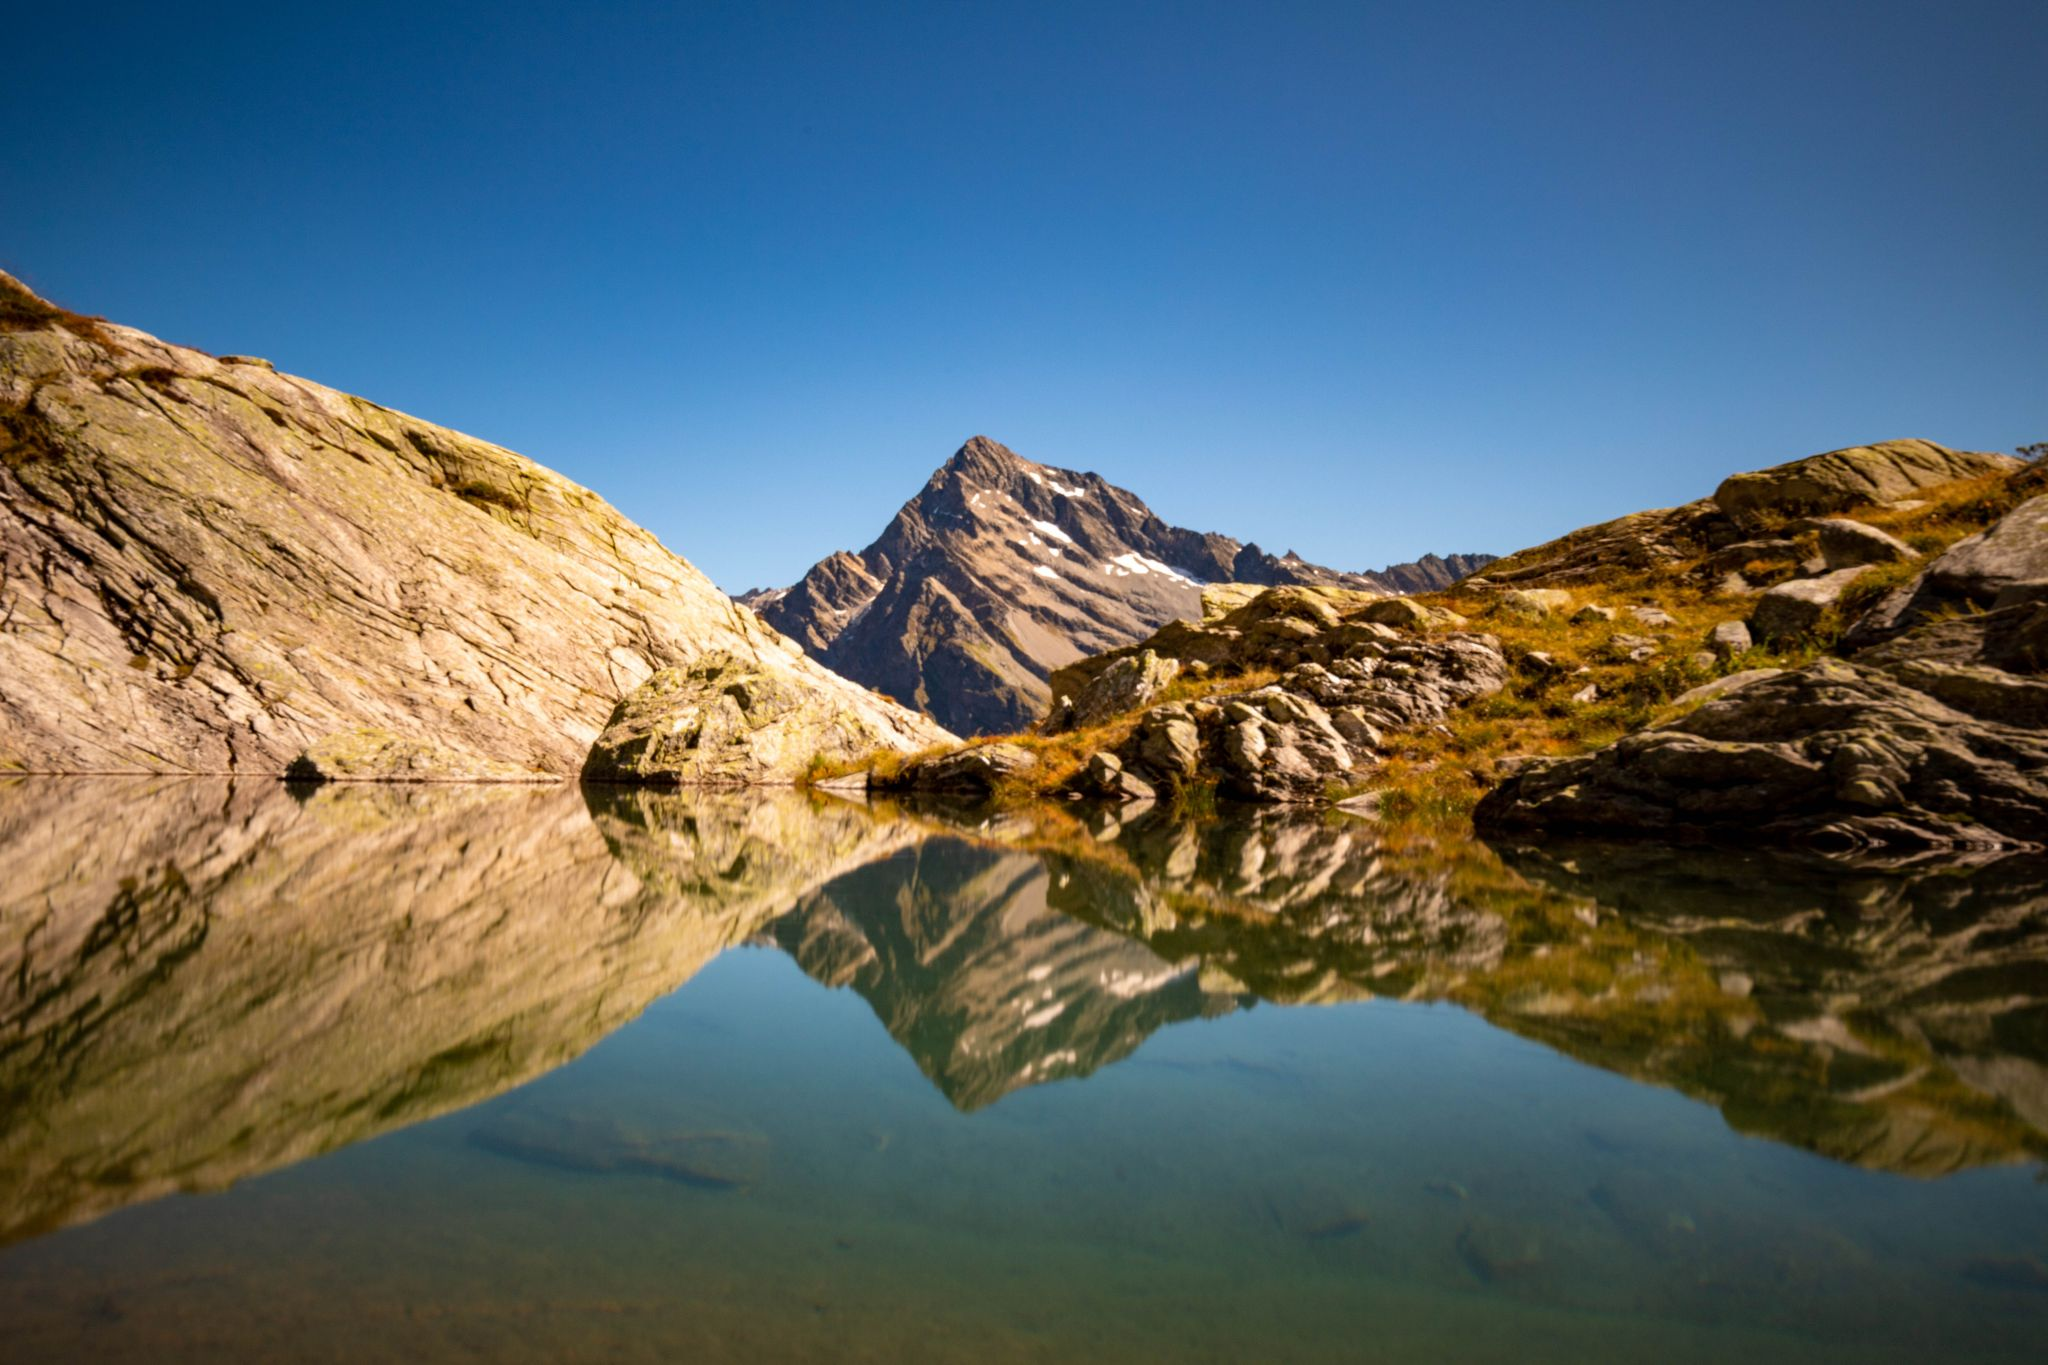 Mountain lake near the Windgällenhütte, Switzerland